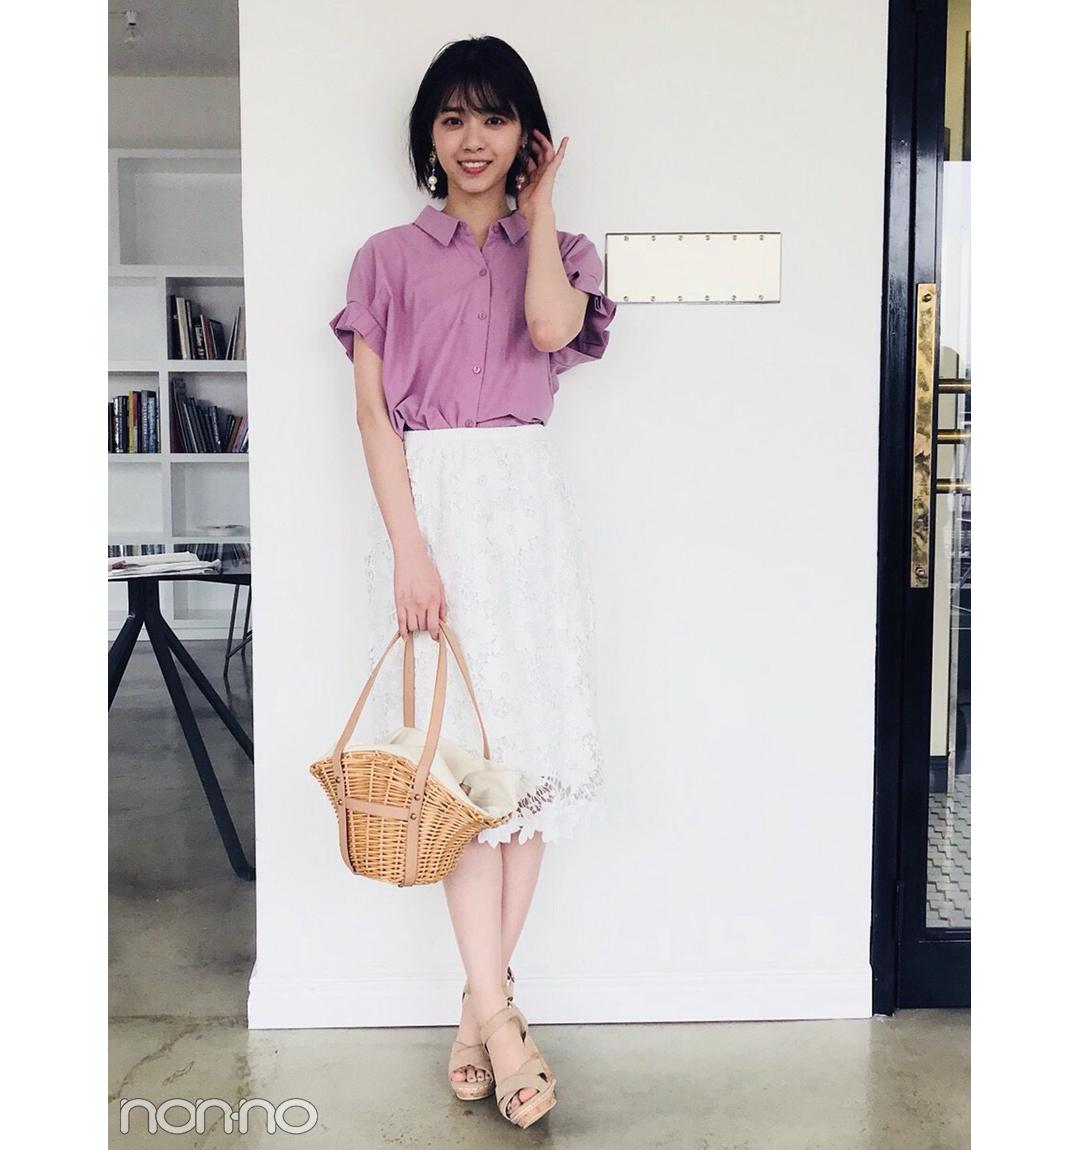 西野七瀬のレースタイトスカートが大人可愛すぎる【毎日コーデ】